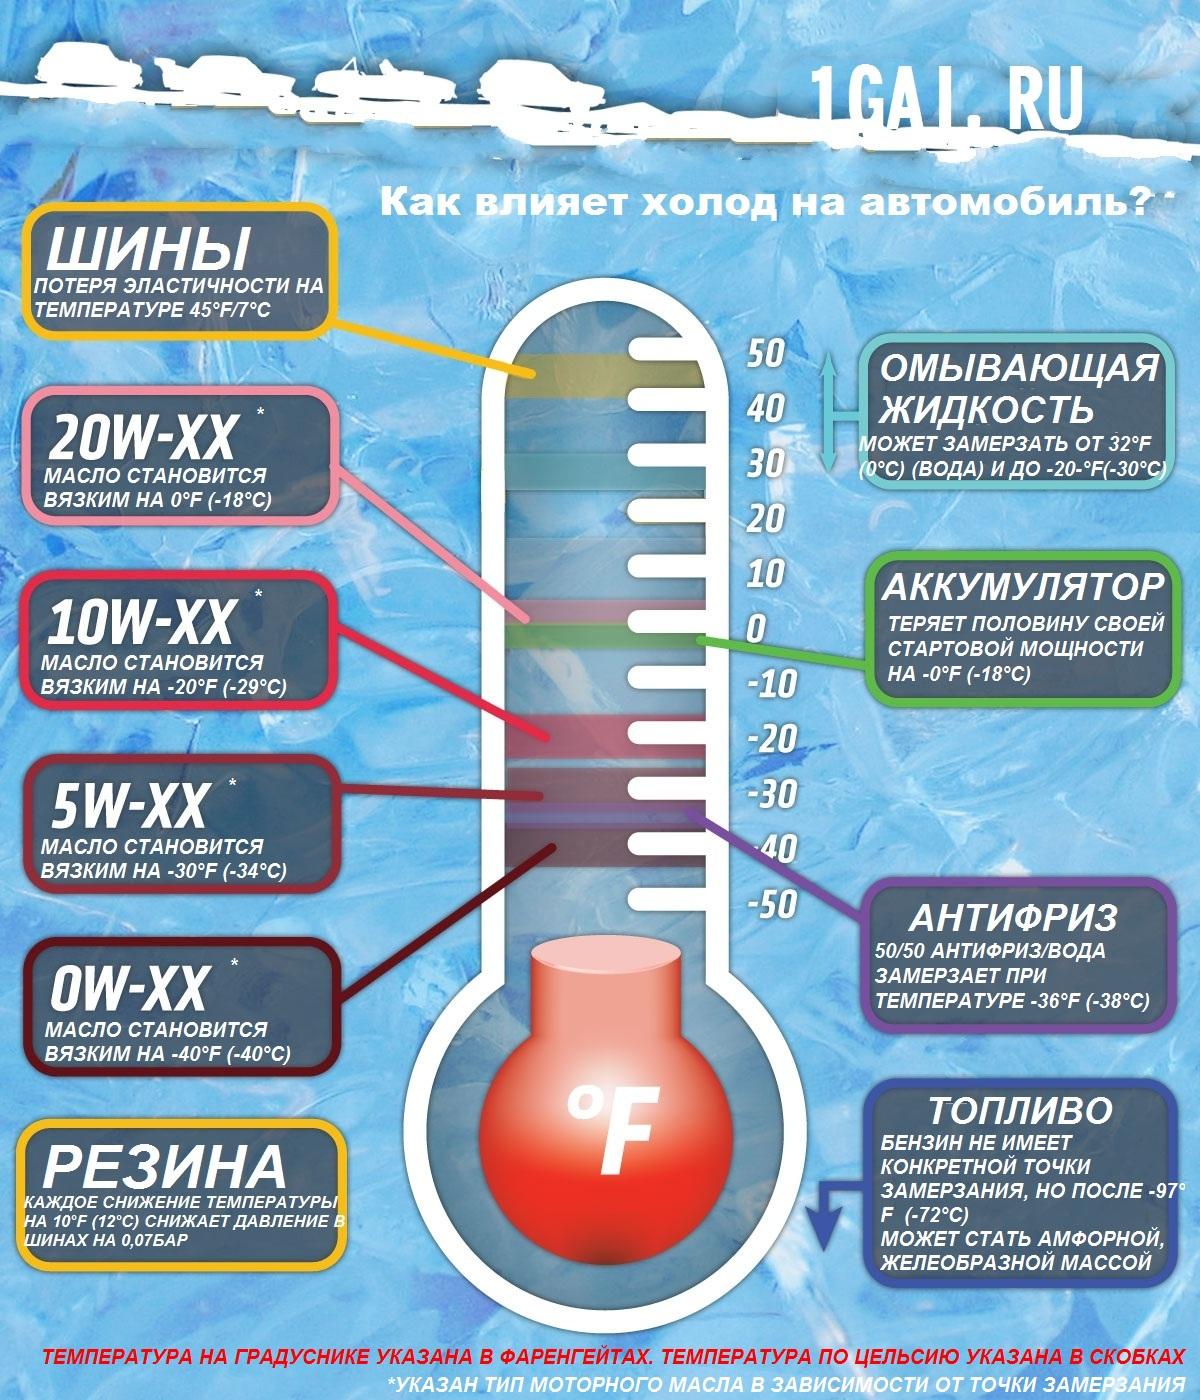 Почему замерзает вода в аккумуляторе